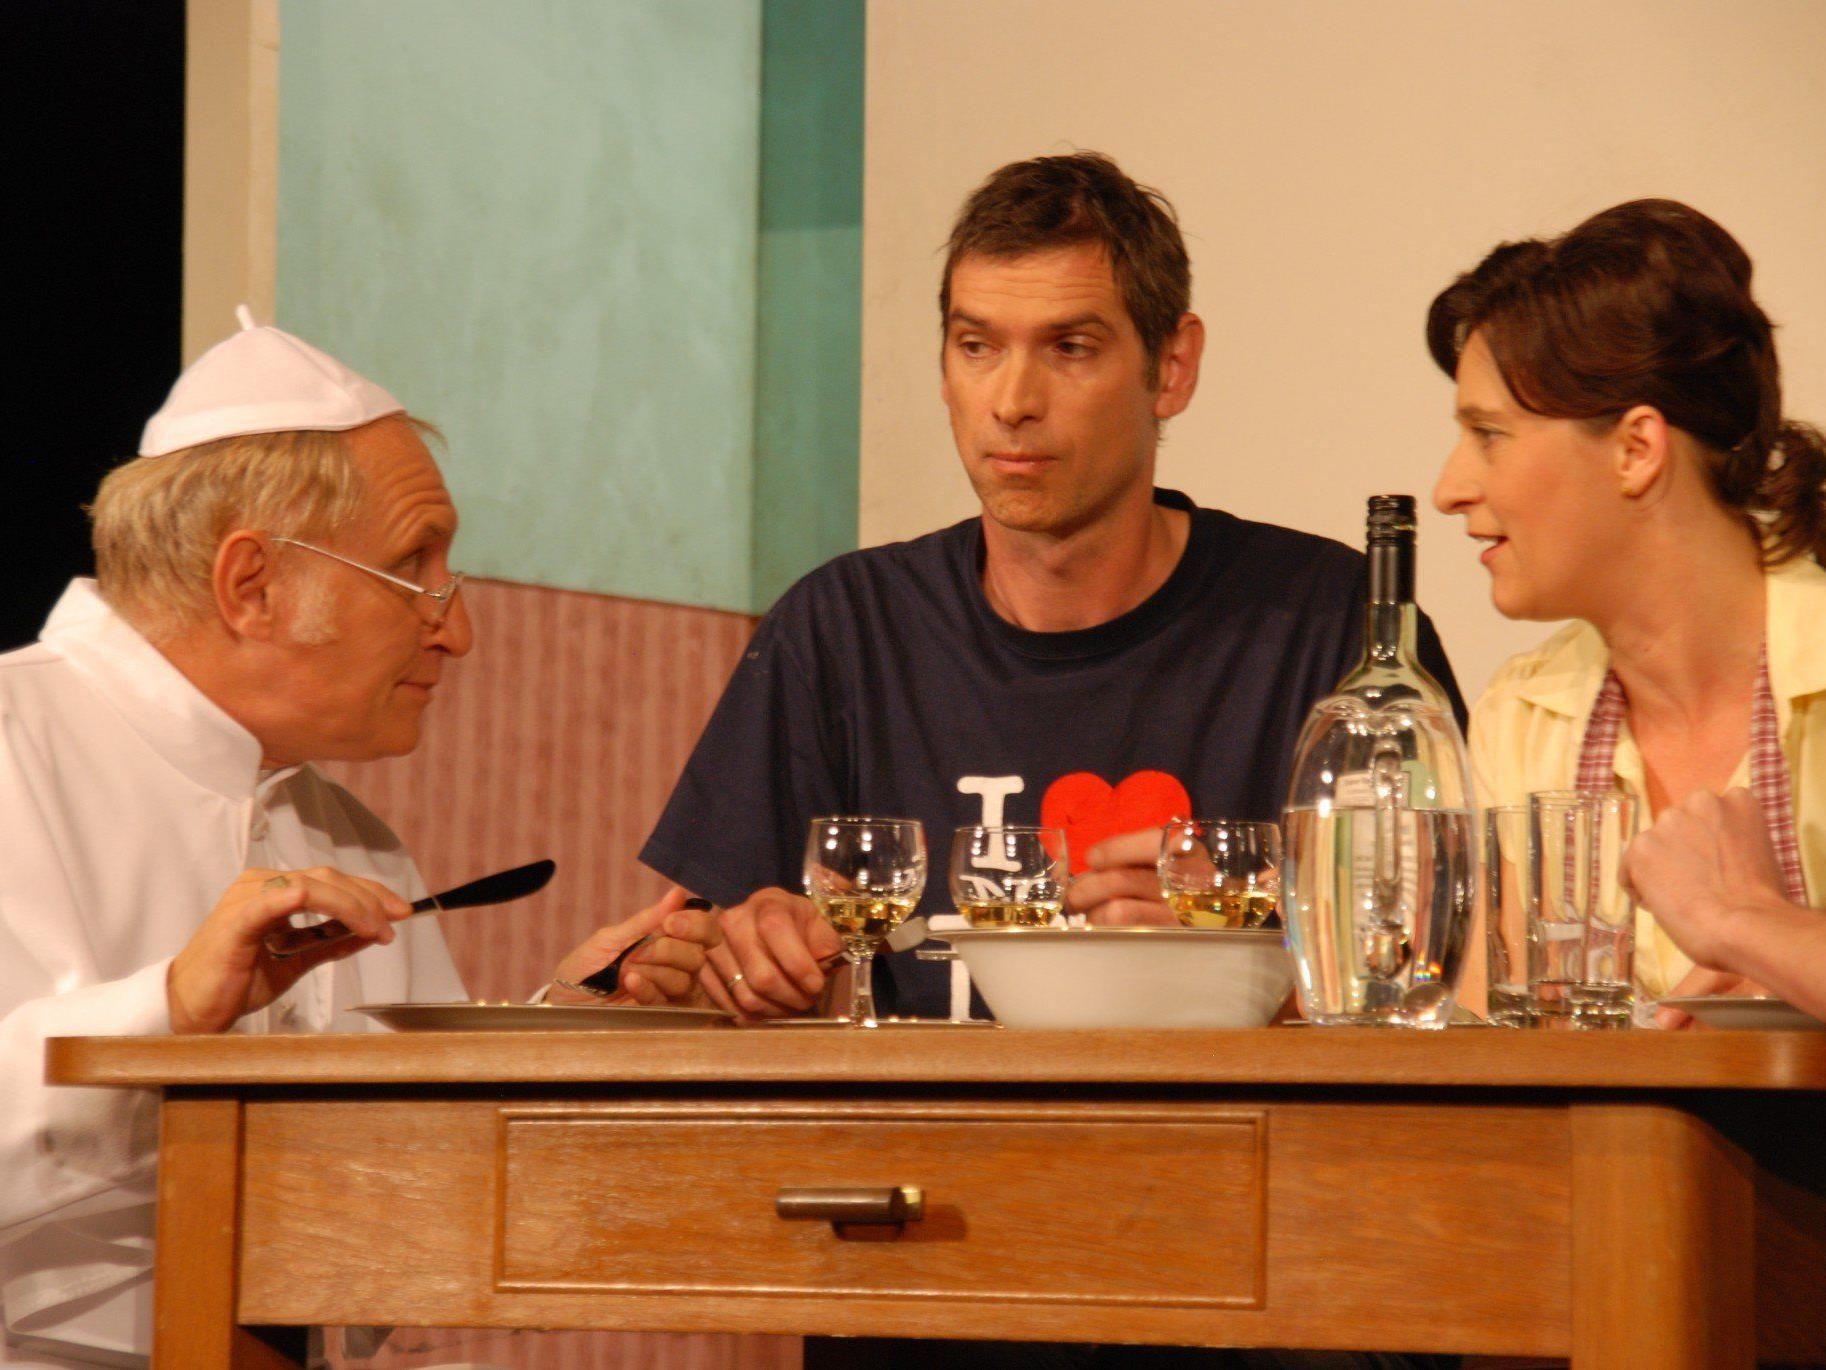 Papst Albert IV. fühlt sich bei koscherer Kost sehr wohl (Zuggal, Reiner, Klas).